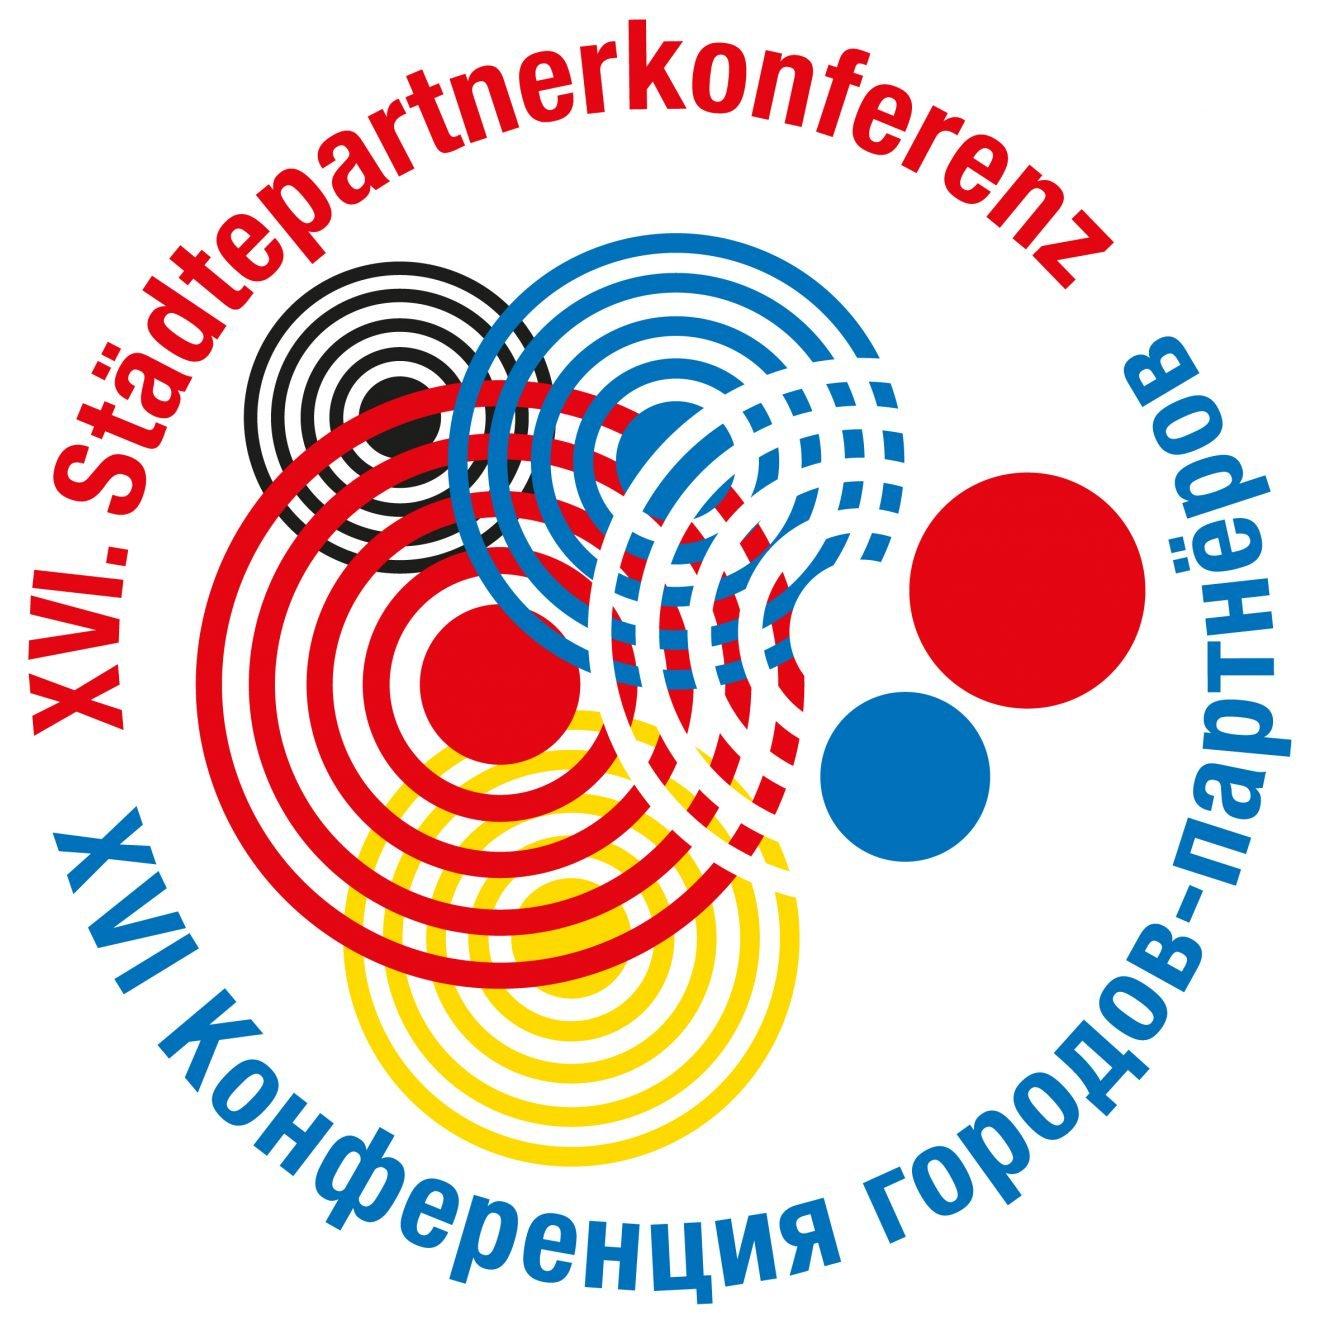 Logo_XVI-StaepaKon_rund_2021-300dpi-RGB